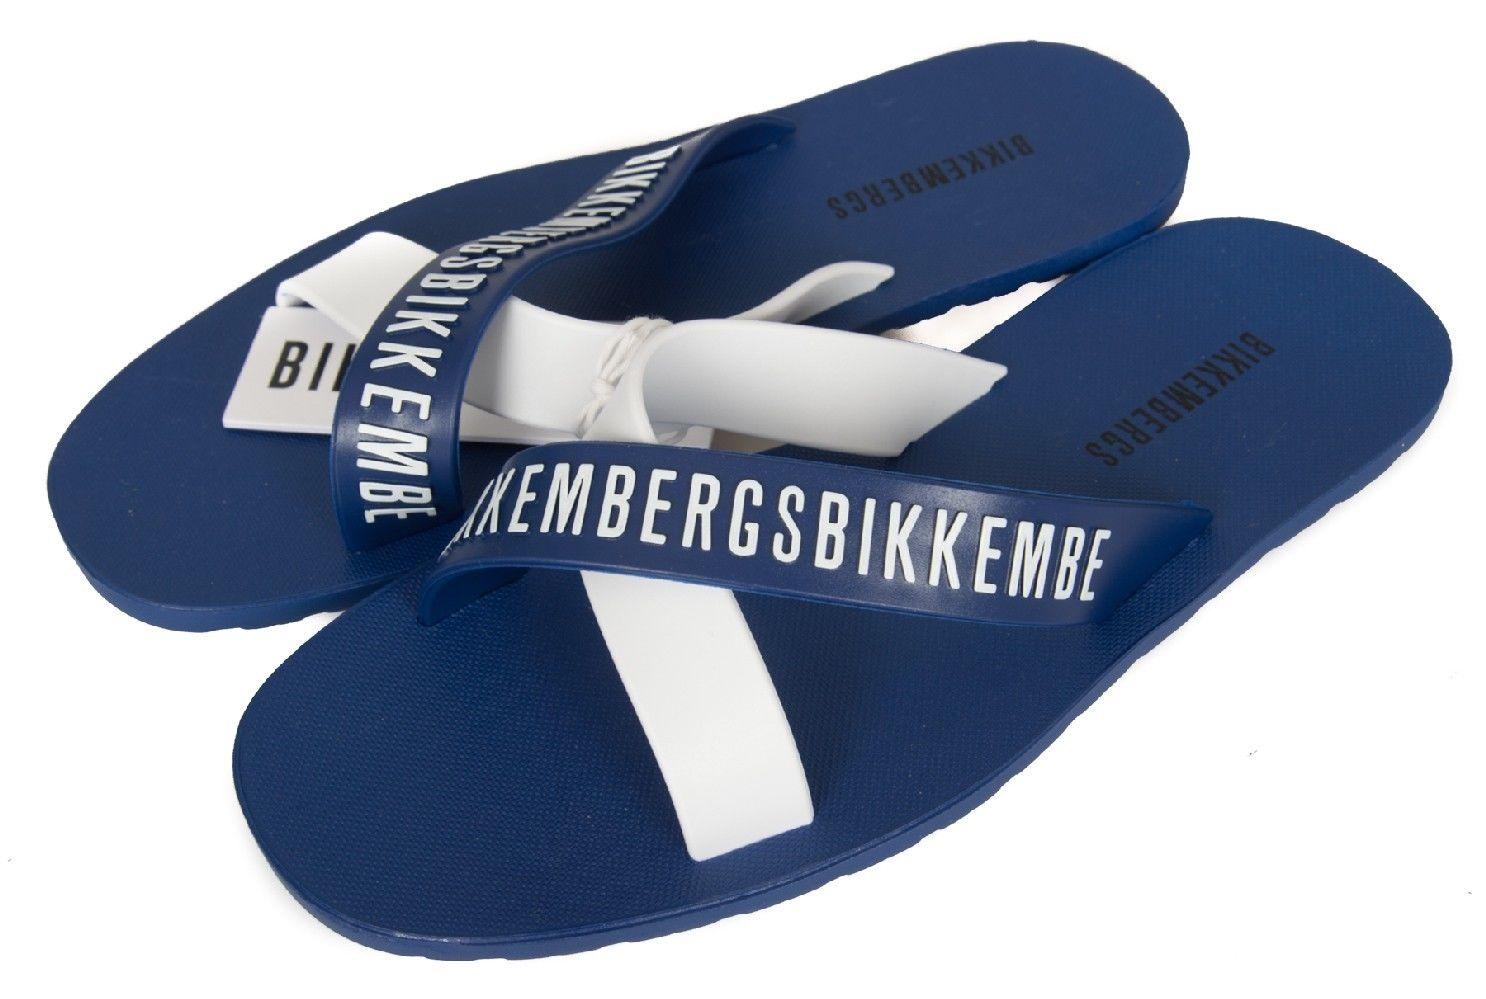 Ciabatte Uomo Incrociate colore Blu Bianco - Bikkembergs - SportIT.com b325d61c6d0